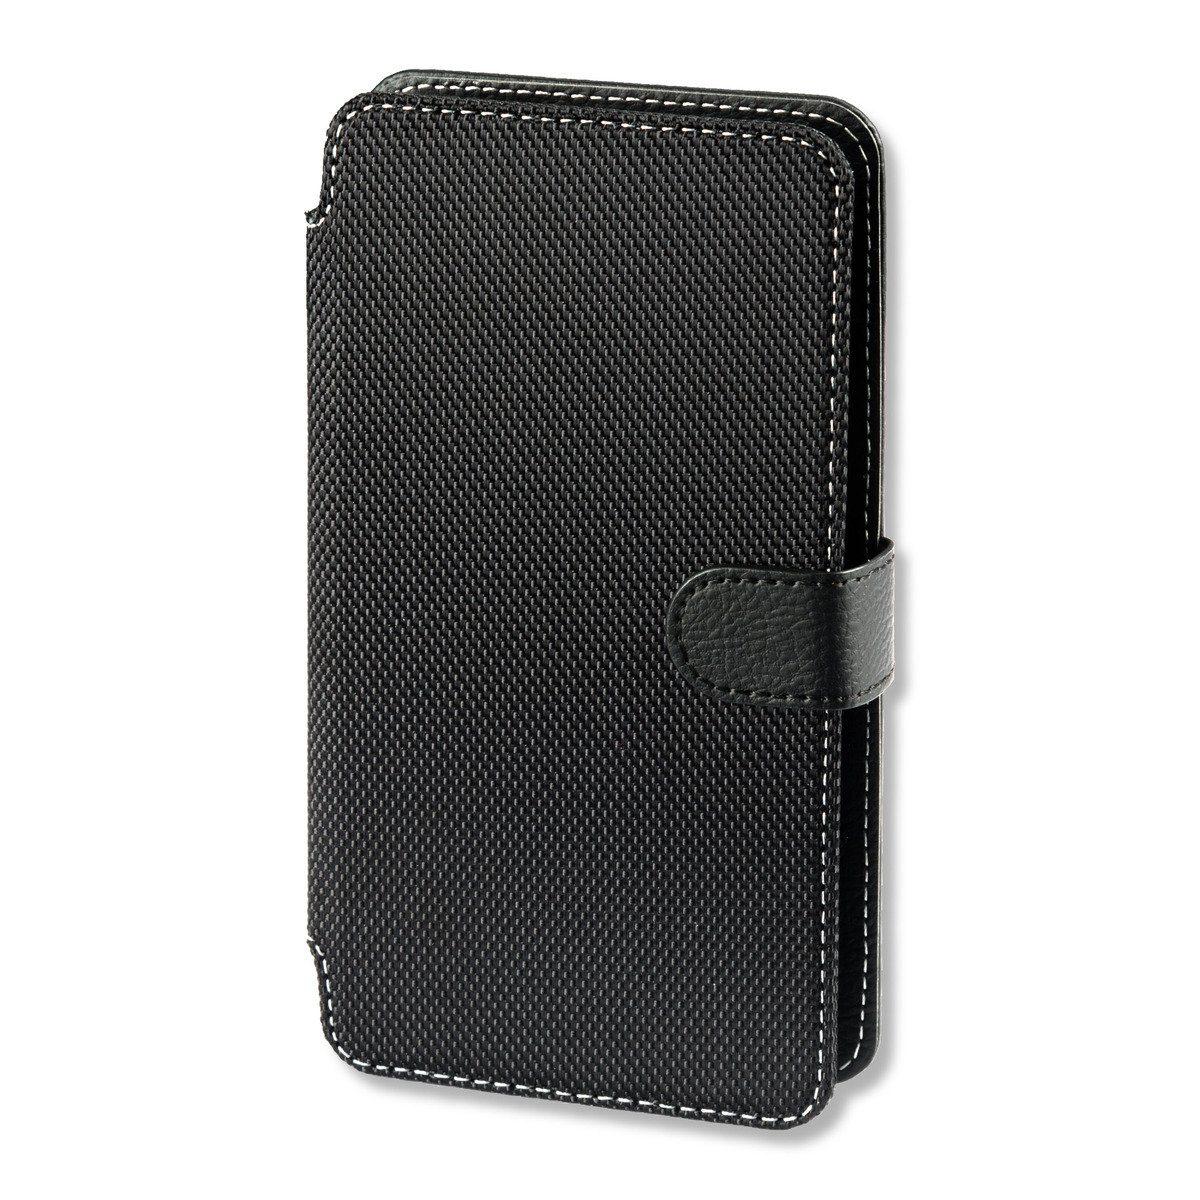 4Smarts Handytasche »SOHO Book Universal-Tasche bis 10,92 cm (4,3 Zoll)«